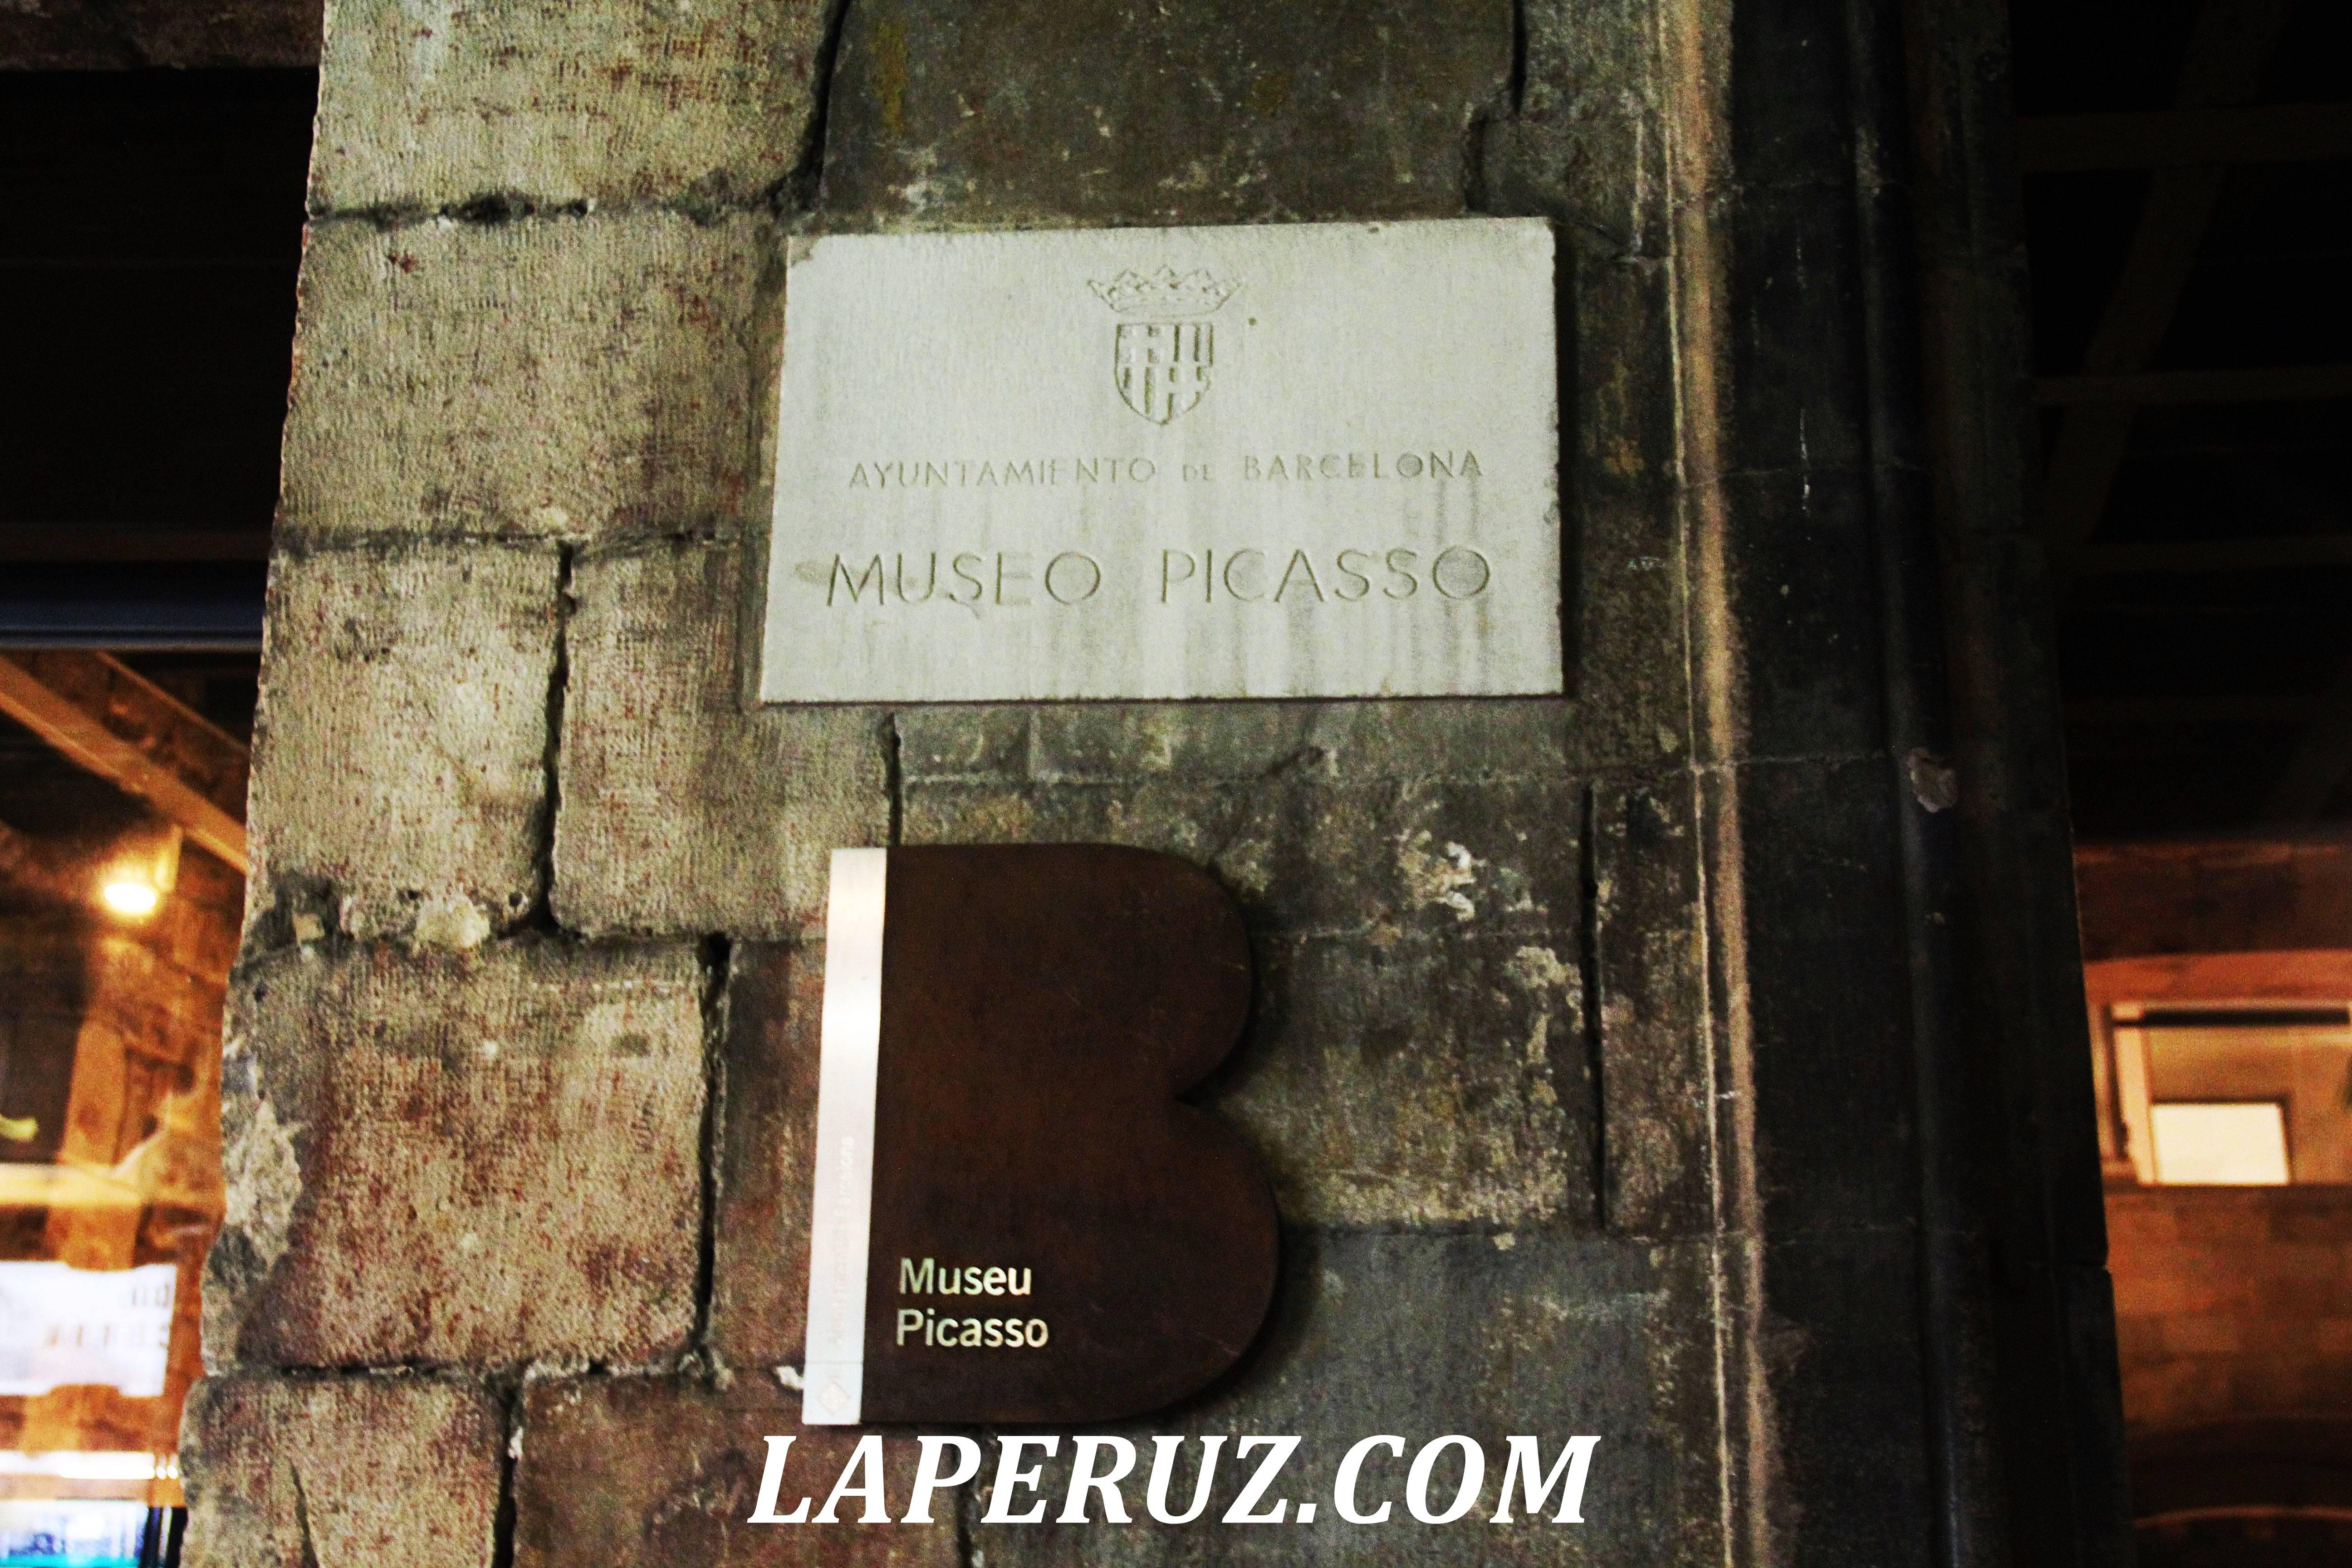 muzei_picasso_barcelona_zdanie_2